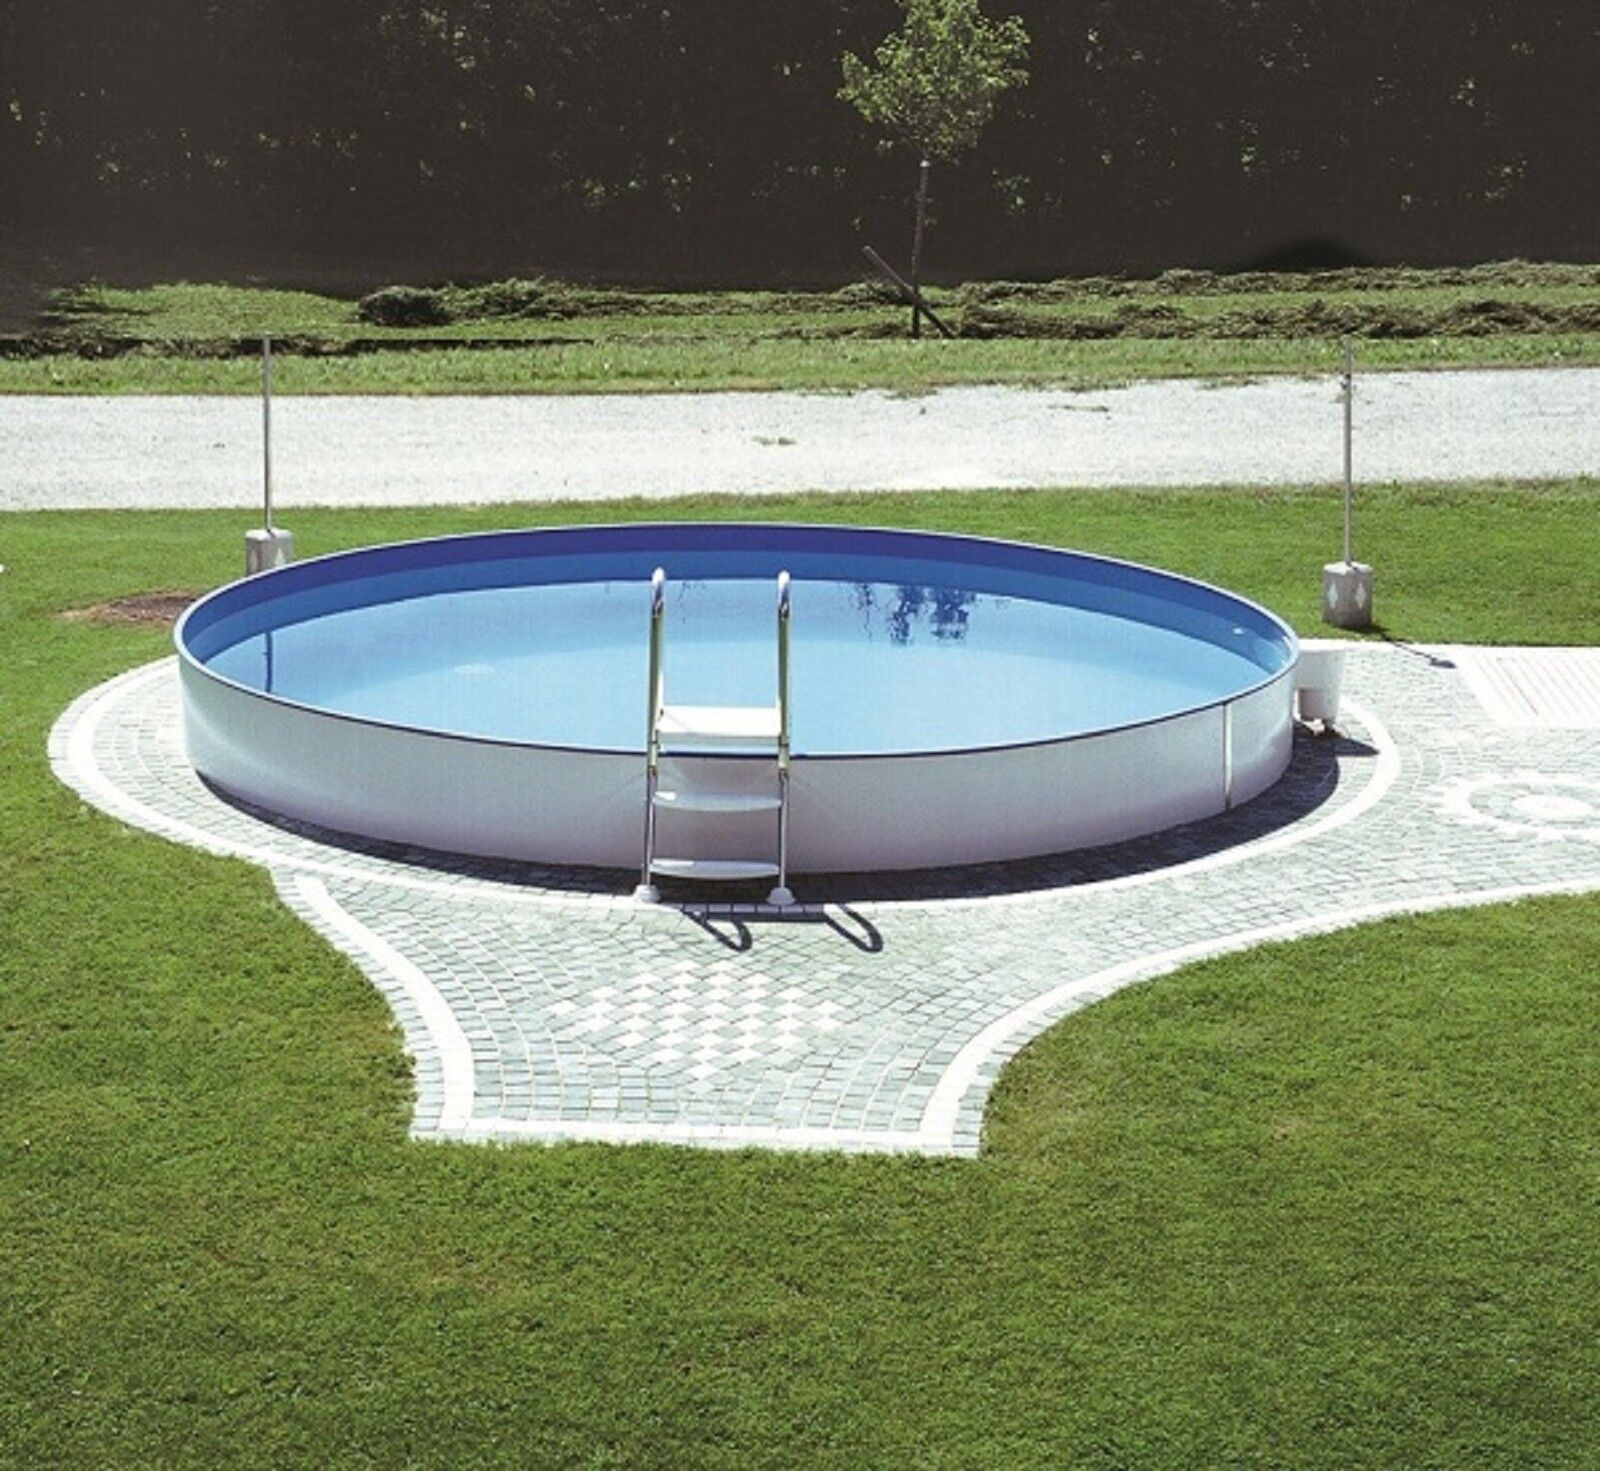 pool schwimmbecken rund 5 00 x 1 50 m stahlwand stahlwandbecken 0 80mm skimmer ebay. Black Bedroom Furniture Sets. Home Design Ideas